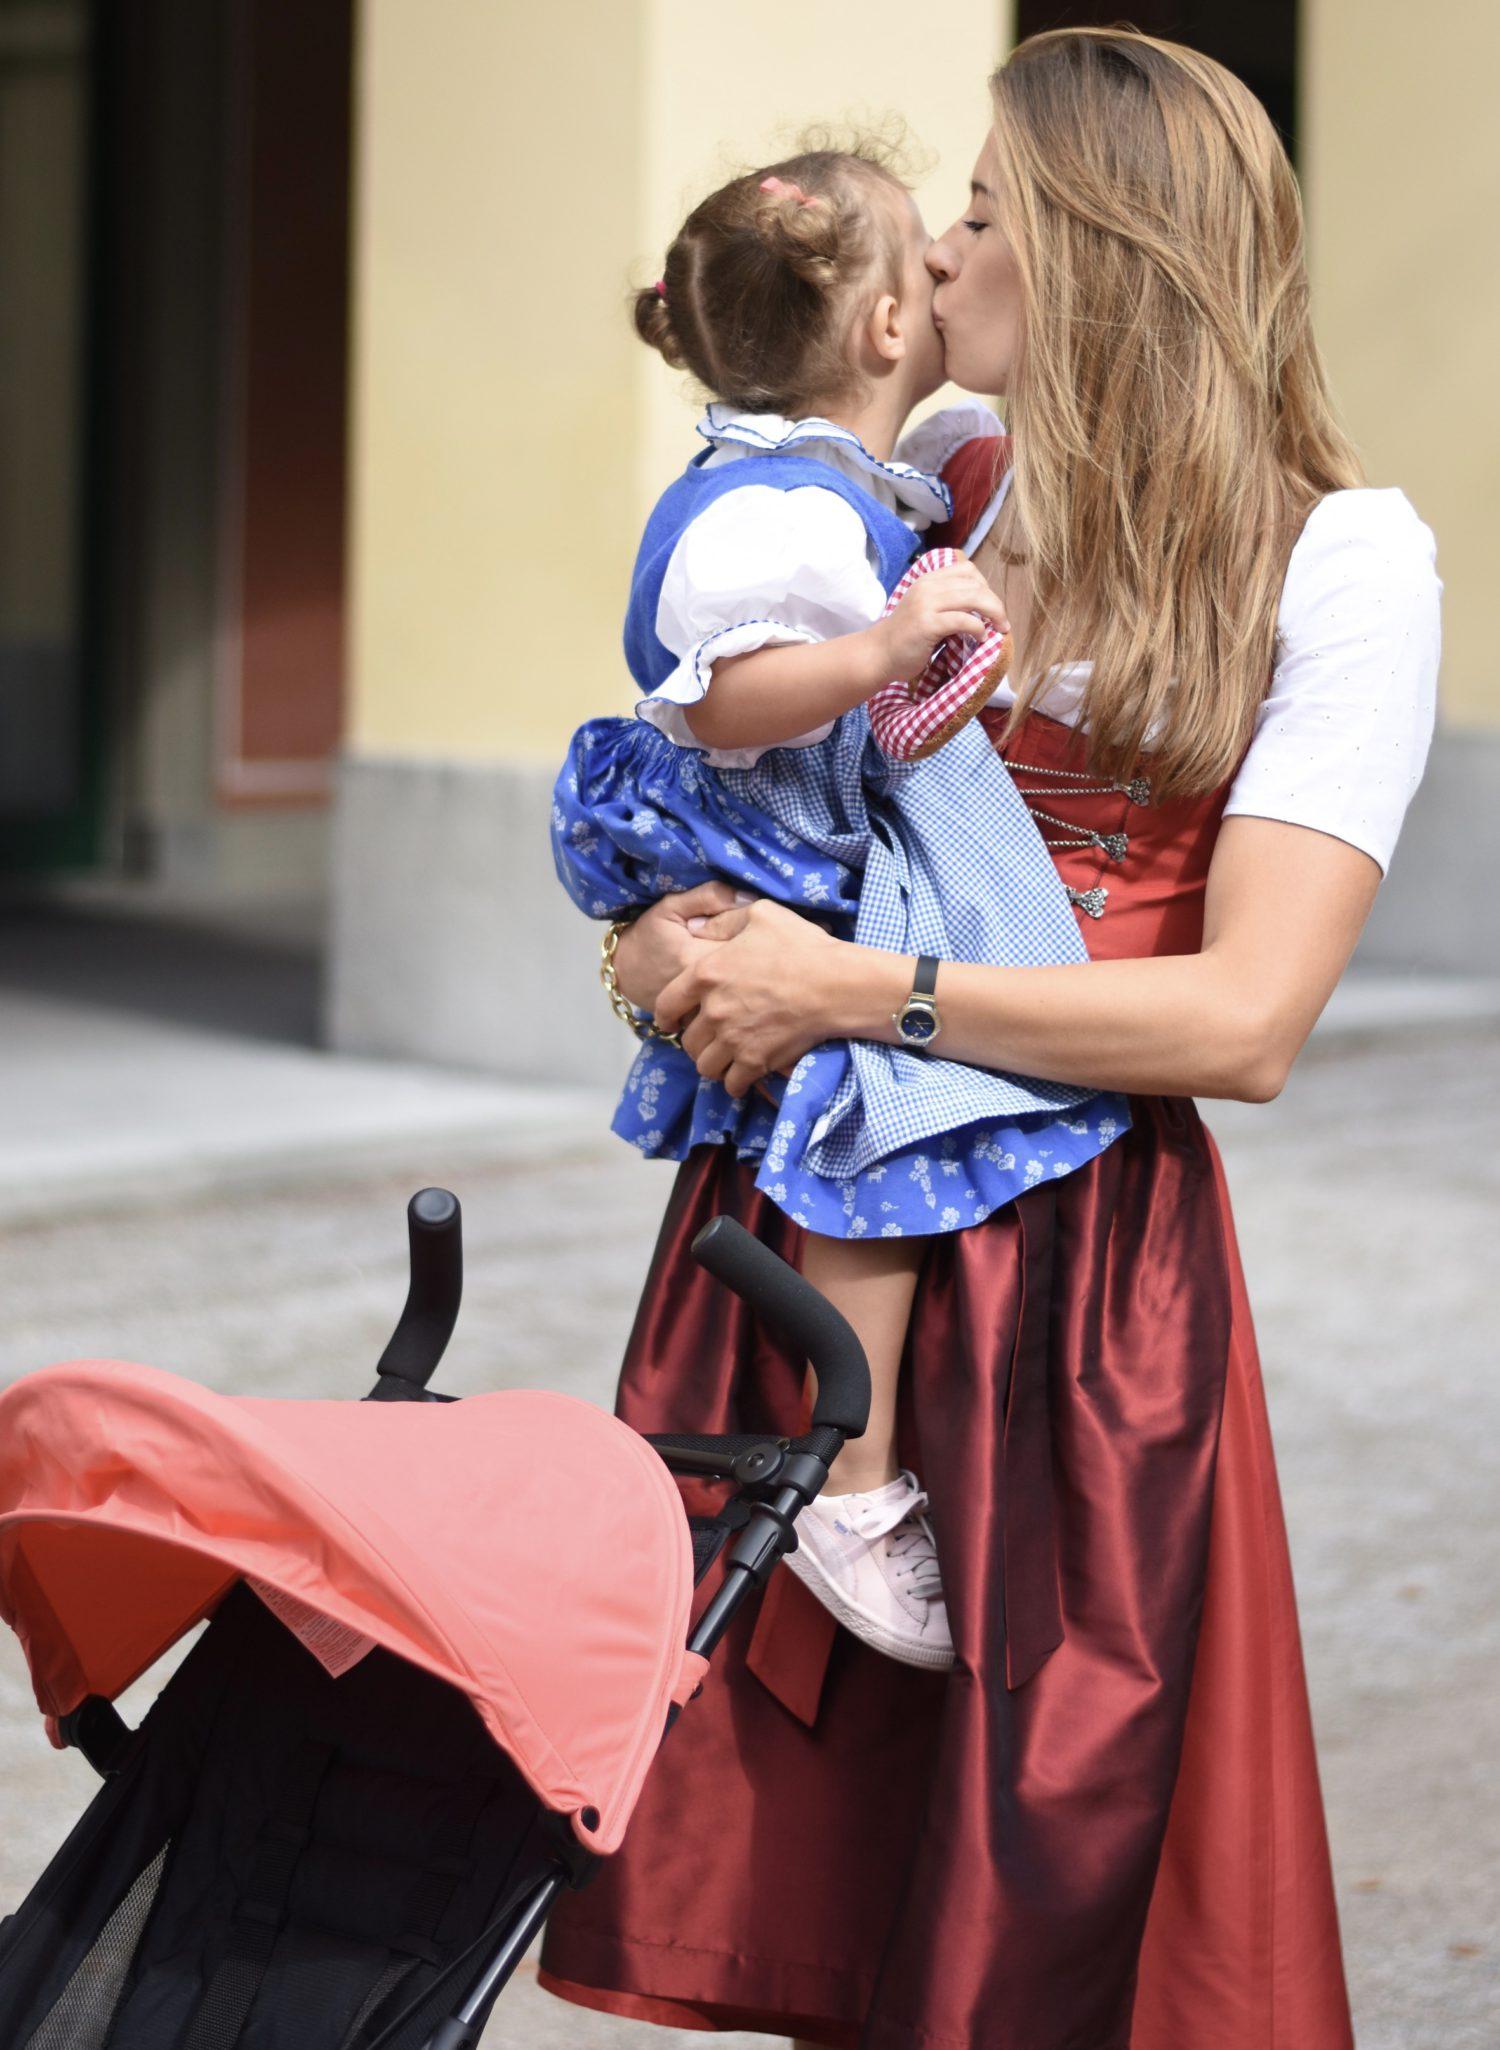 Wiesn mit Kind - Mama hält Tochter auf dem Arm, küsst sie und davor steht der Biggy HOLIDAY von Britax Römer.